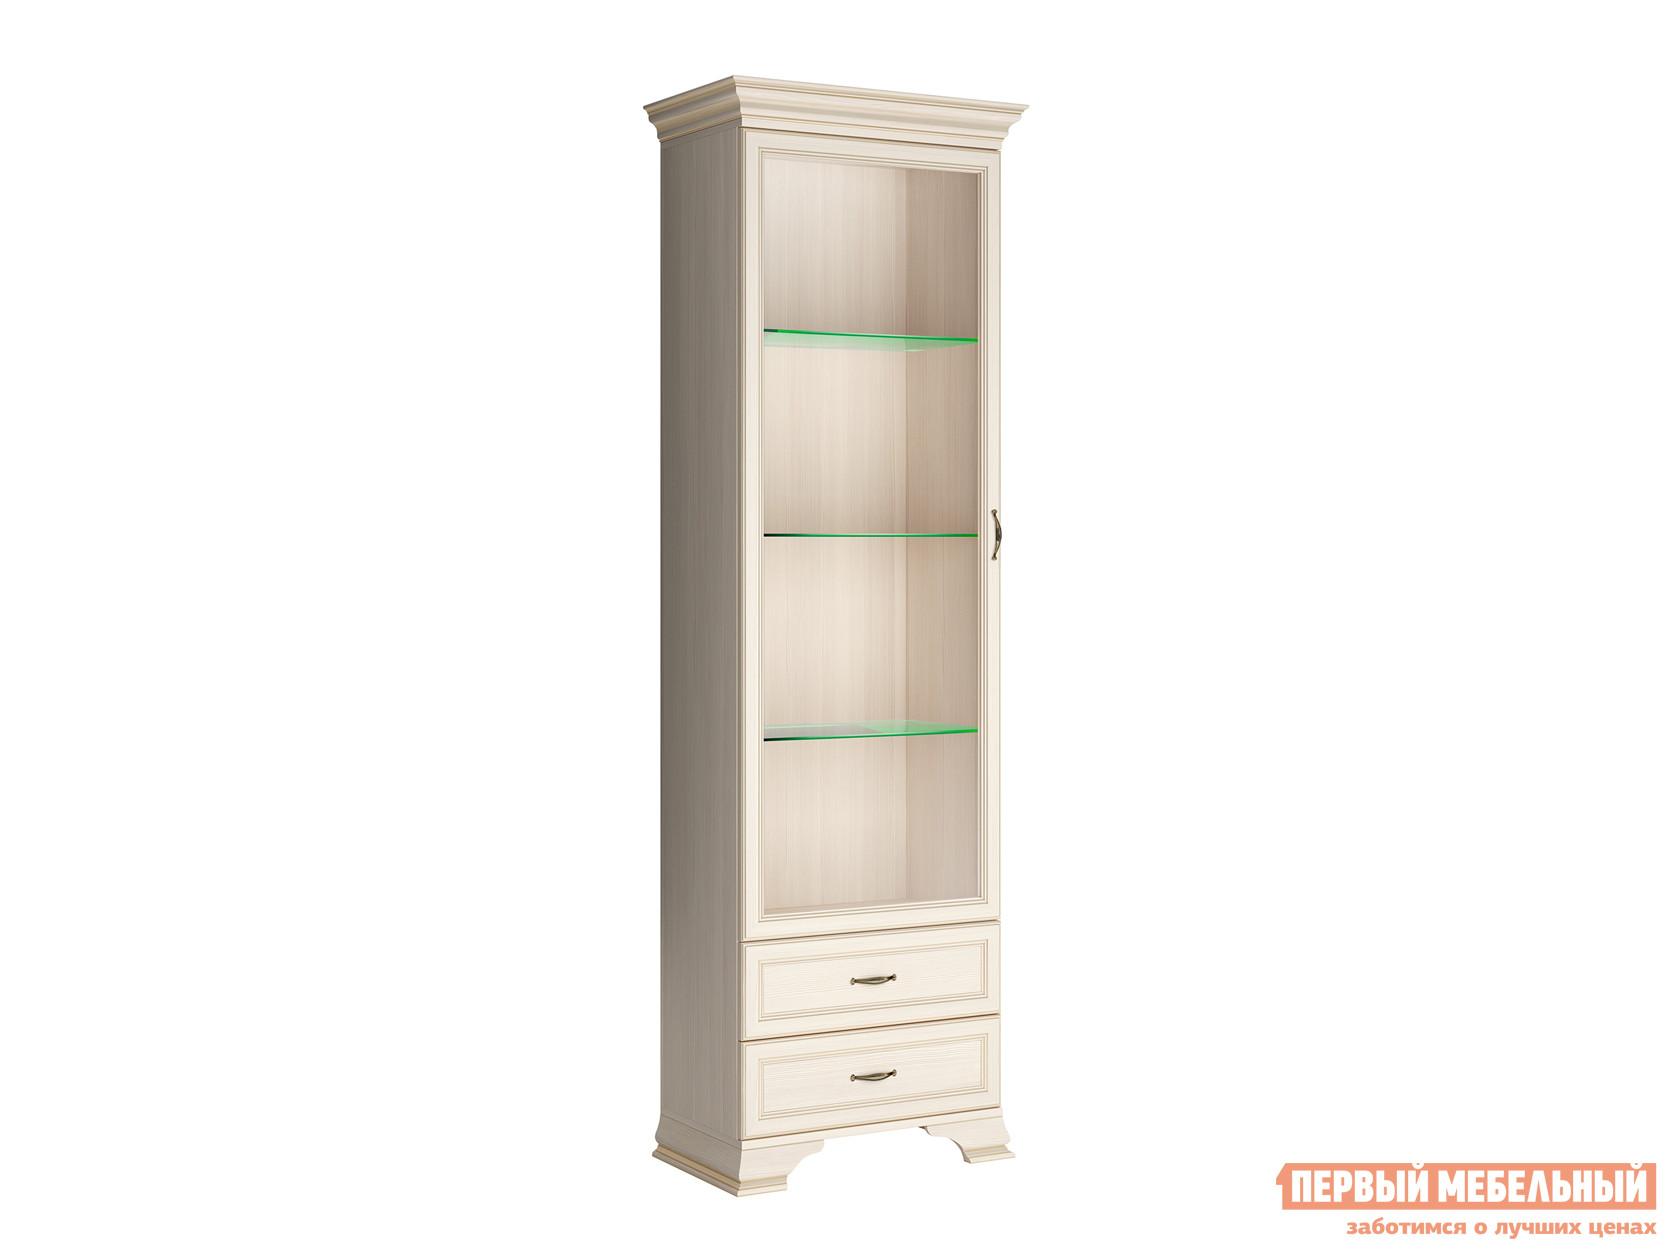 Шкаф-витрина  Шкаф витрина Сиена Бодега белый, патина золото, Со стеклополками КУРАЖ 83743